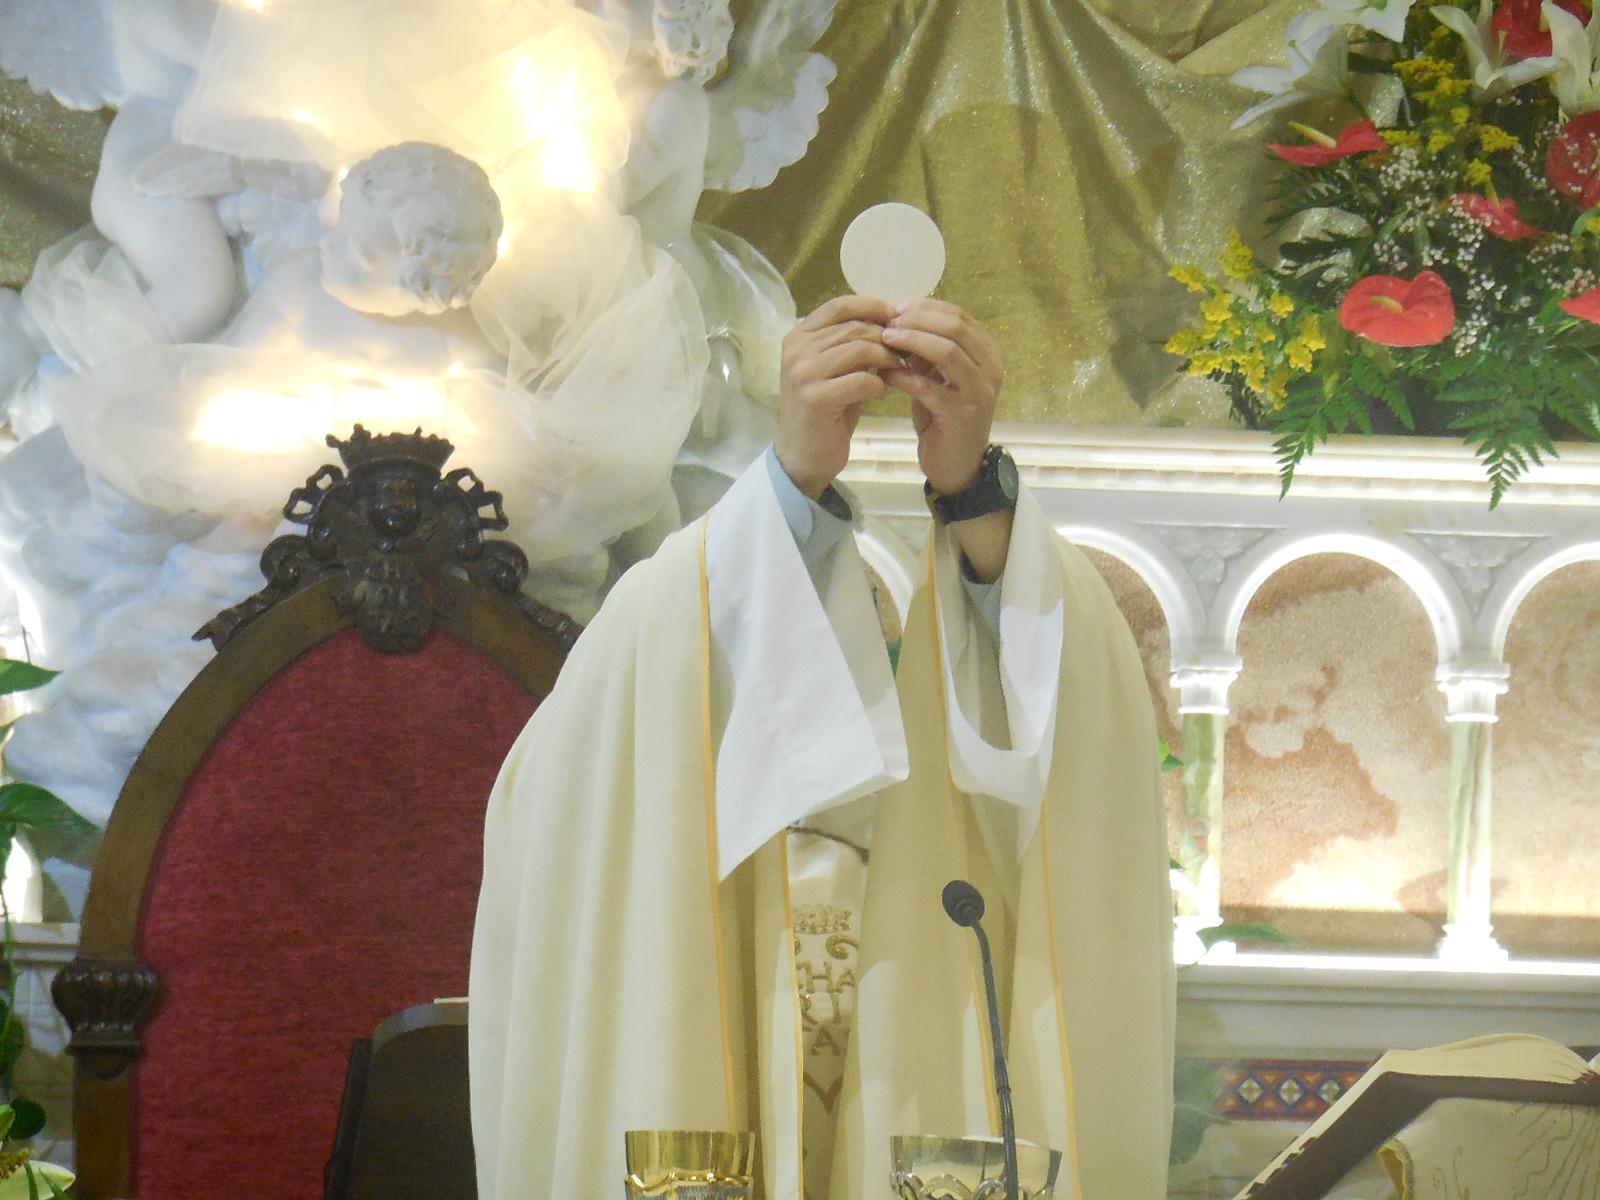 CRESCERE ALLA SCUOLA DI SAN FRANCESCO DI PAOLA di P. Giuseppe Fiorini Morosini